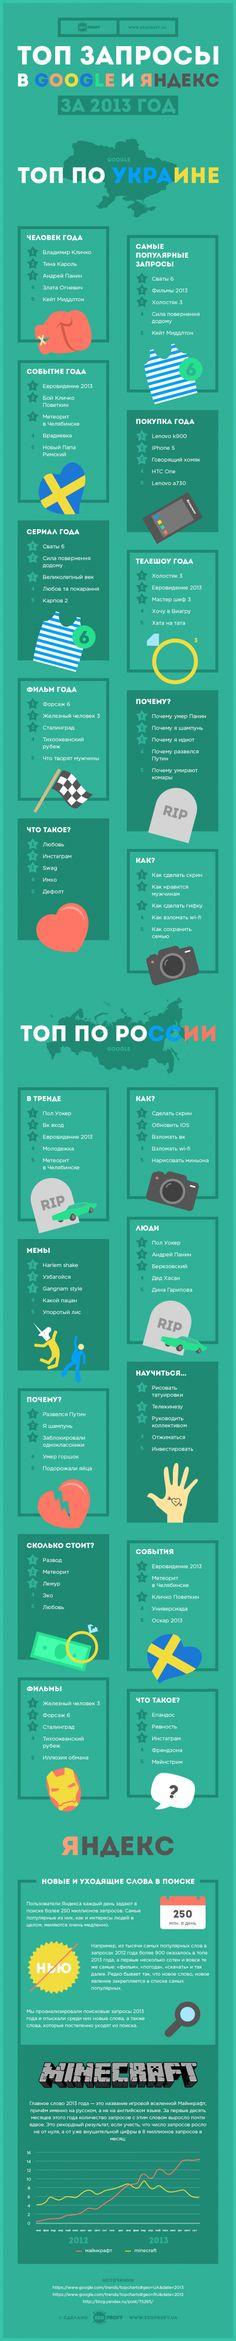 Инфографика: ТОП запросы года в Google и Яндекс в 2013 году - SeoProfy